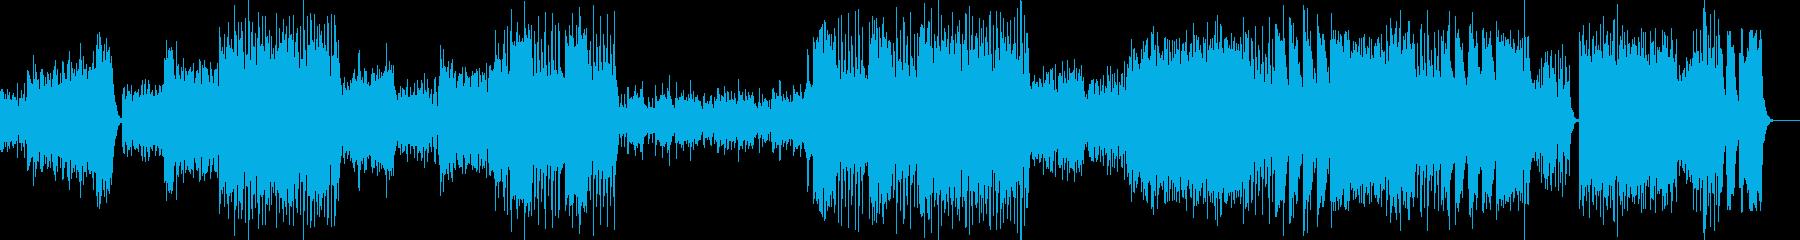 ウイリアムテル序曲の再生済みの波形